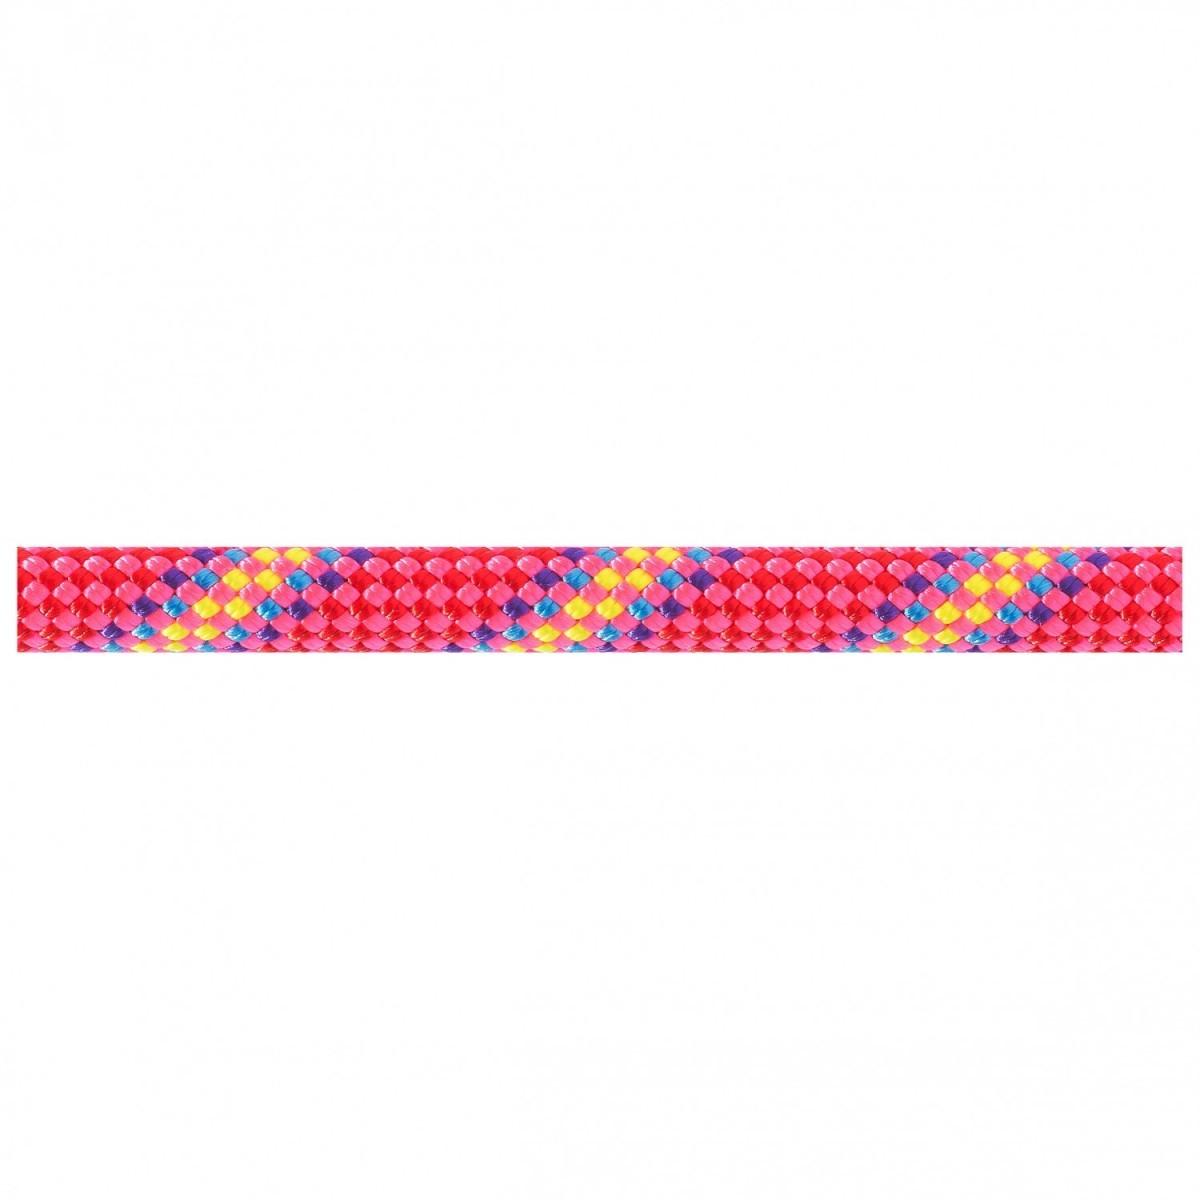 BEAL べアール Virus 10.0(80m - Pink)★ロープ・ザイル・登山・クライミング★